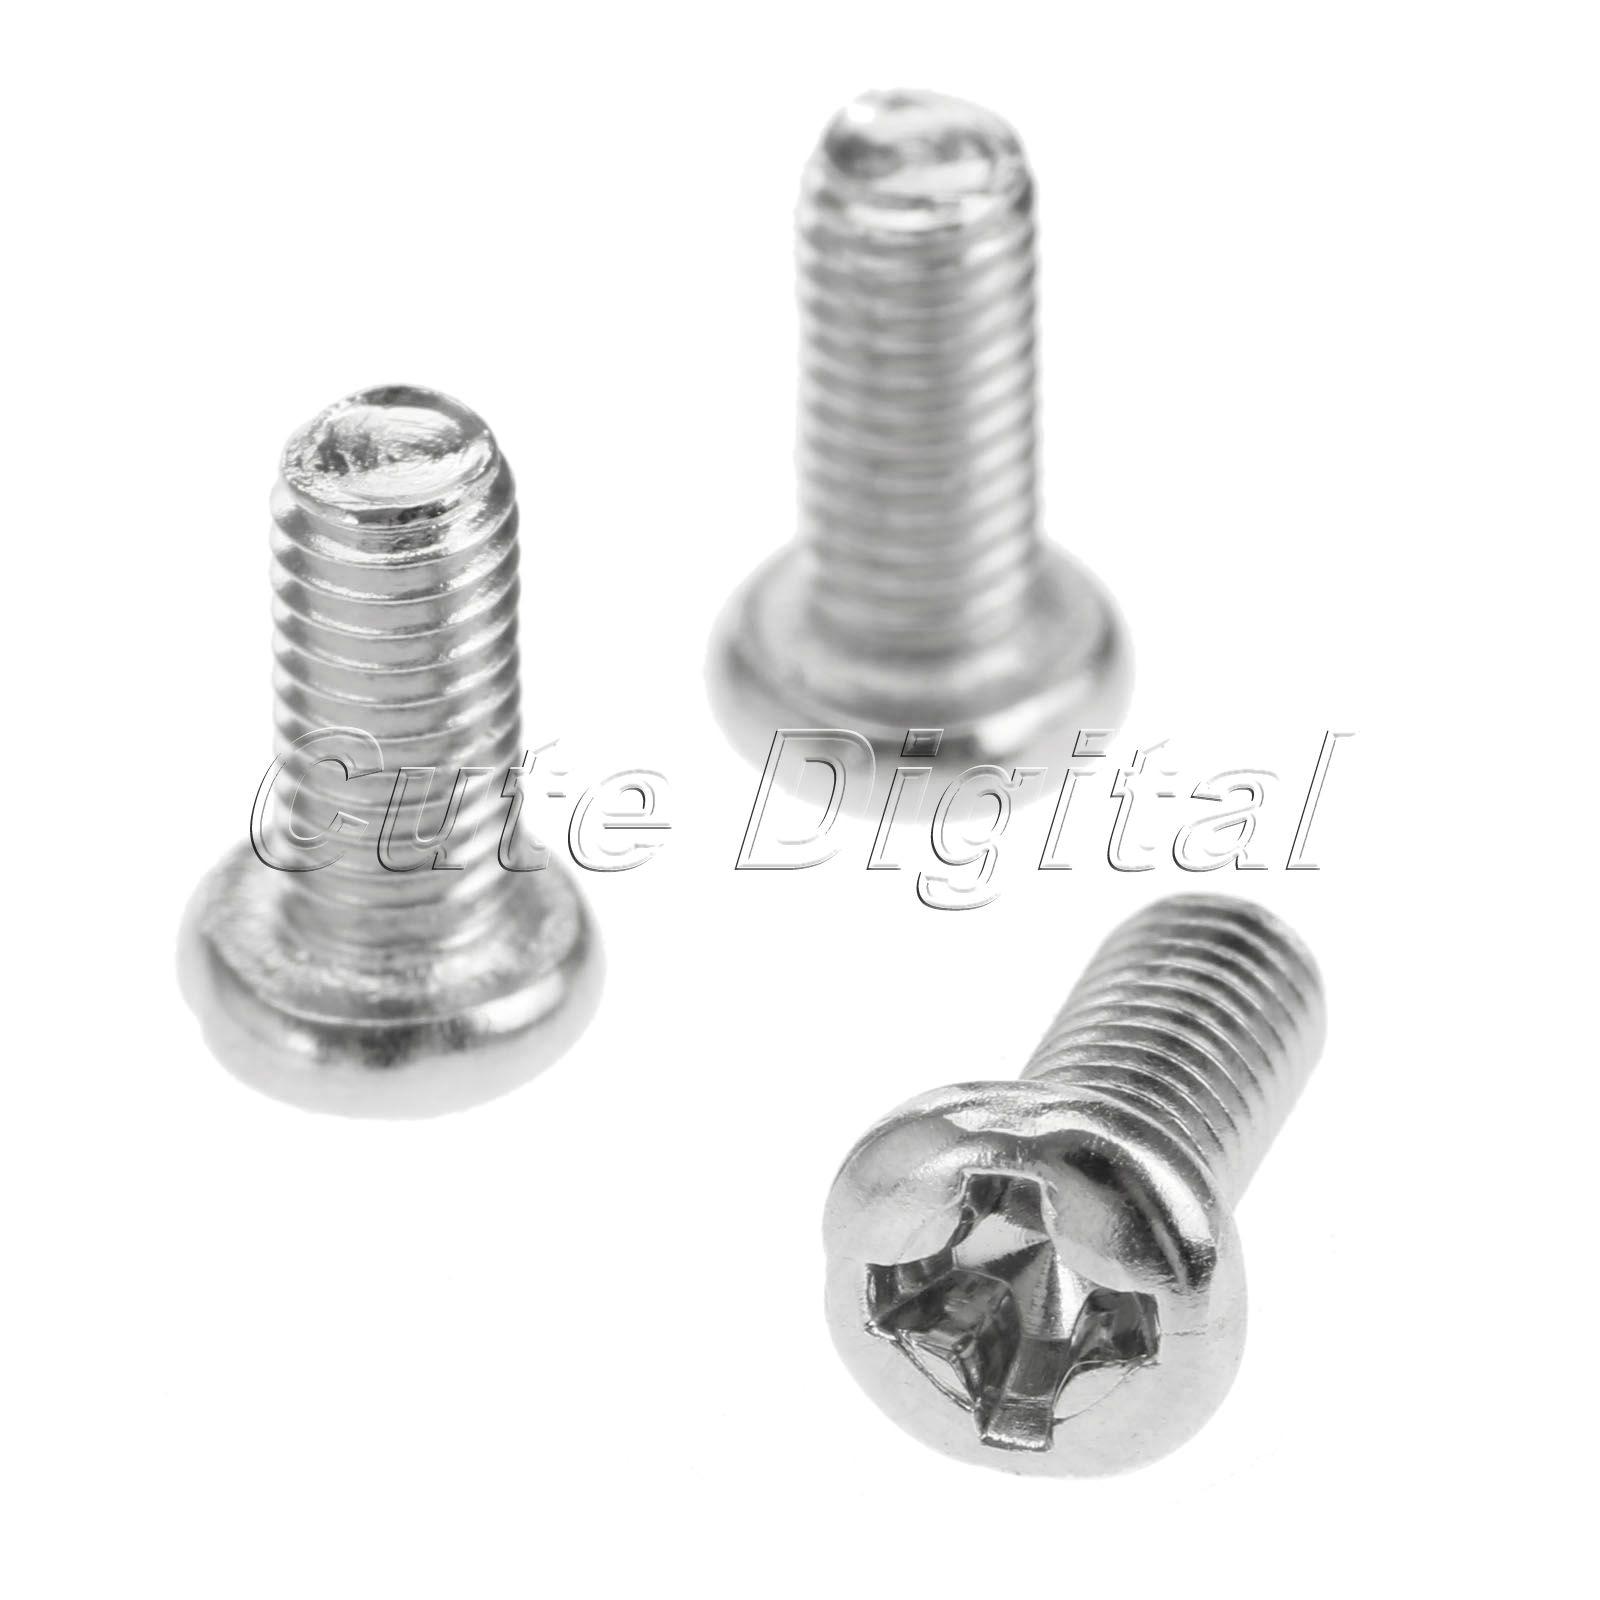 Metric Steel Hex Head Bolt assortment 4mm M4 M5 M6 M7 Parts 5mm 6mm /& 7mm